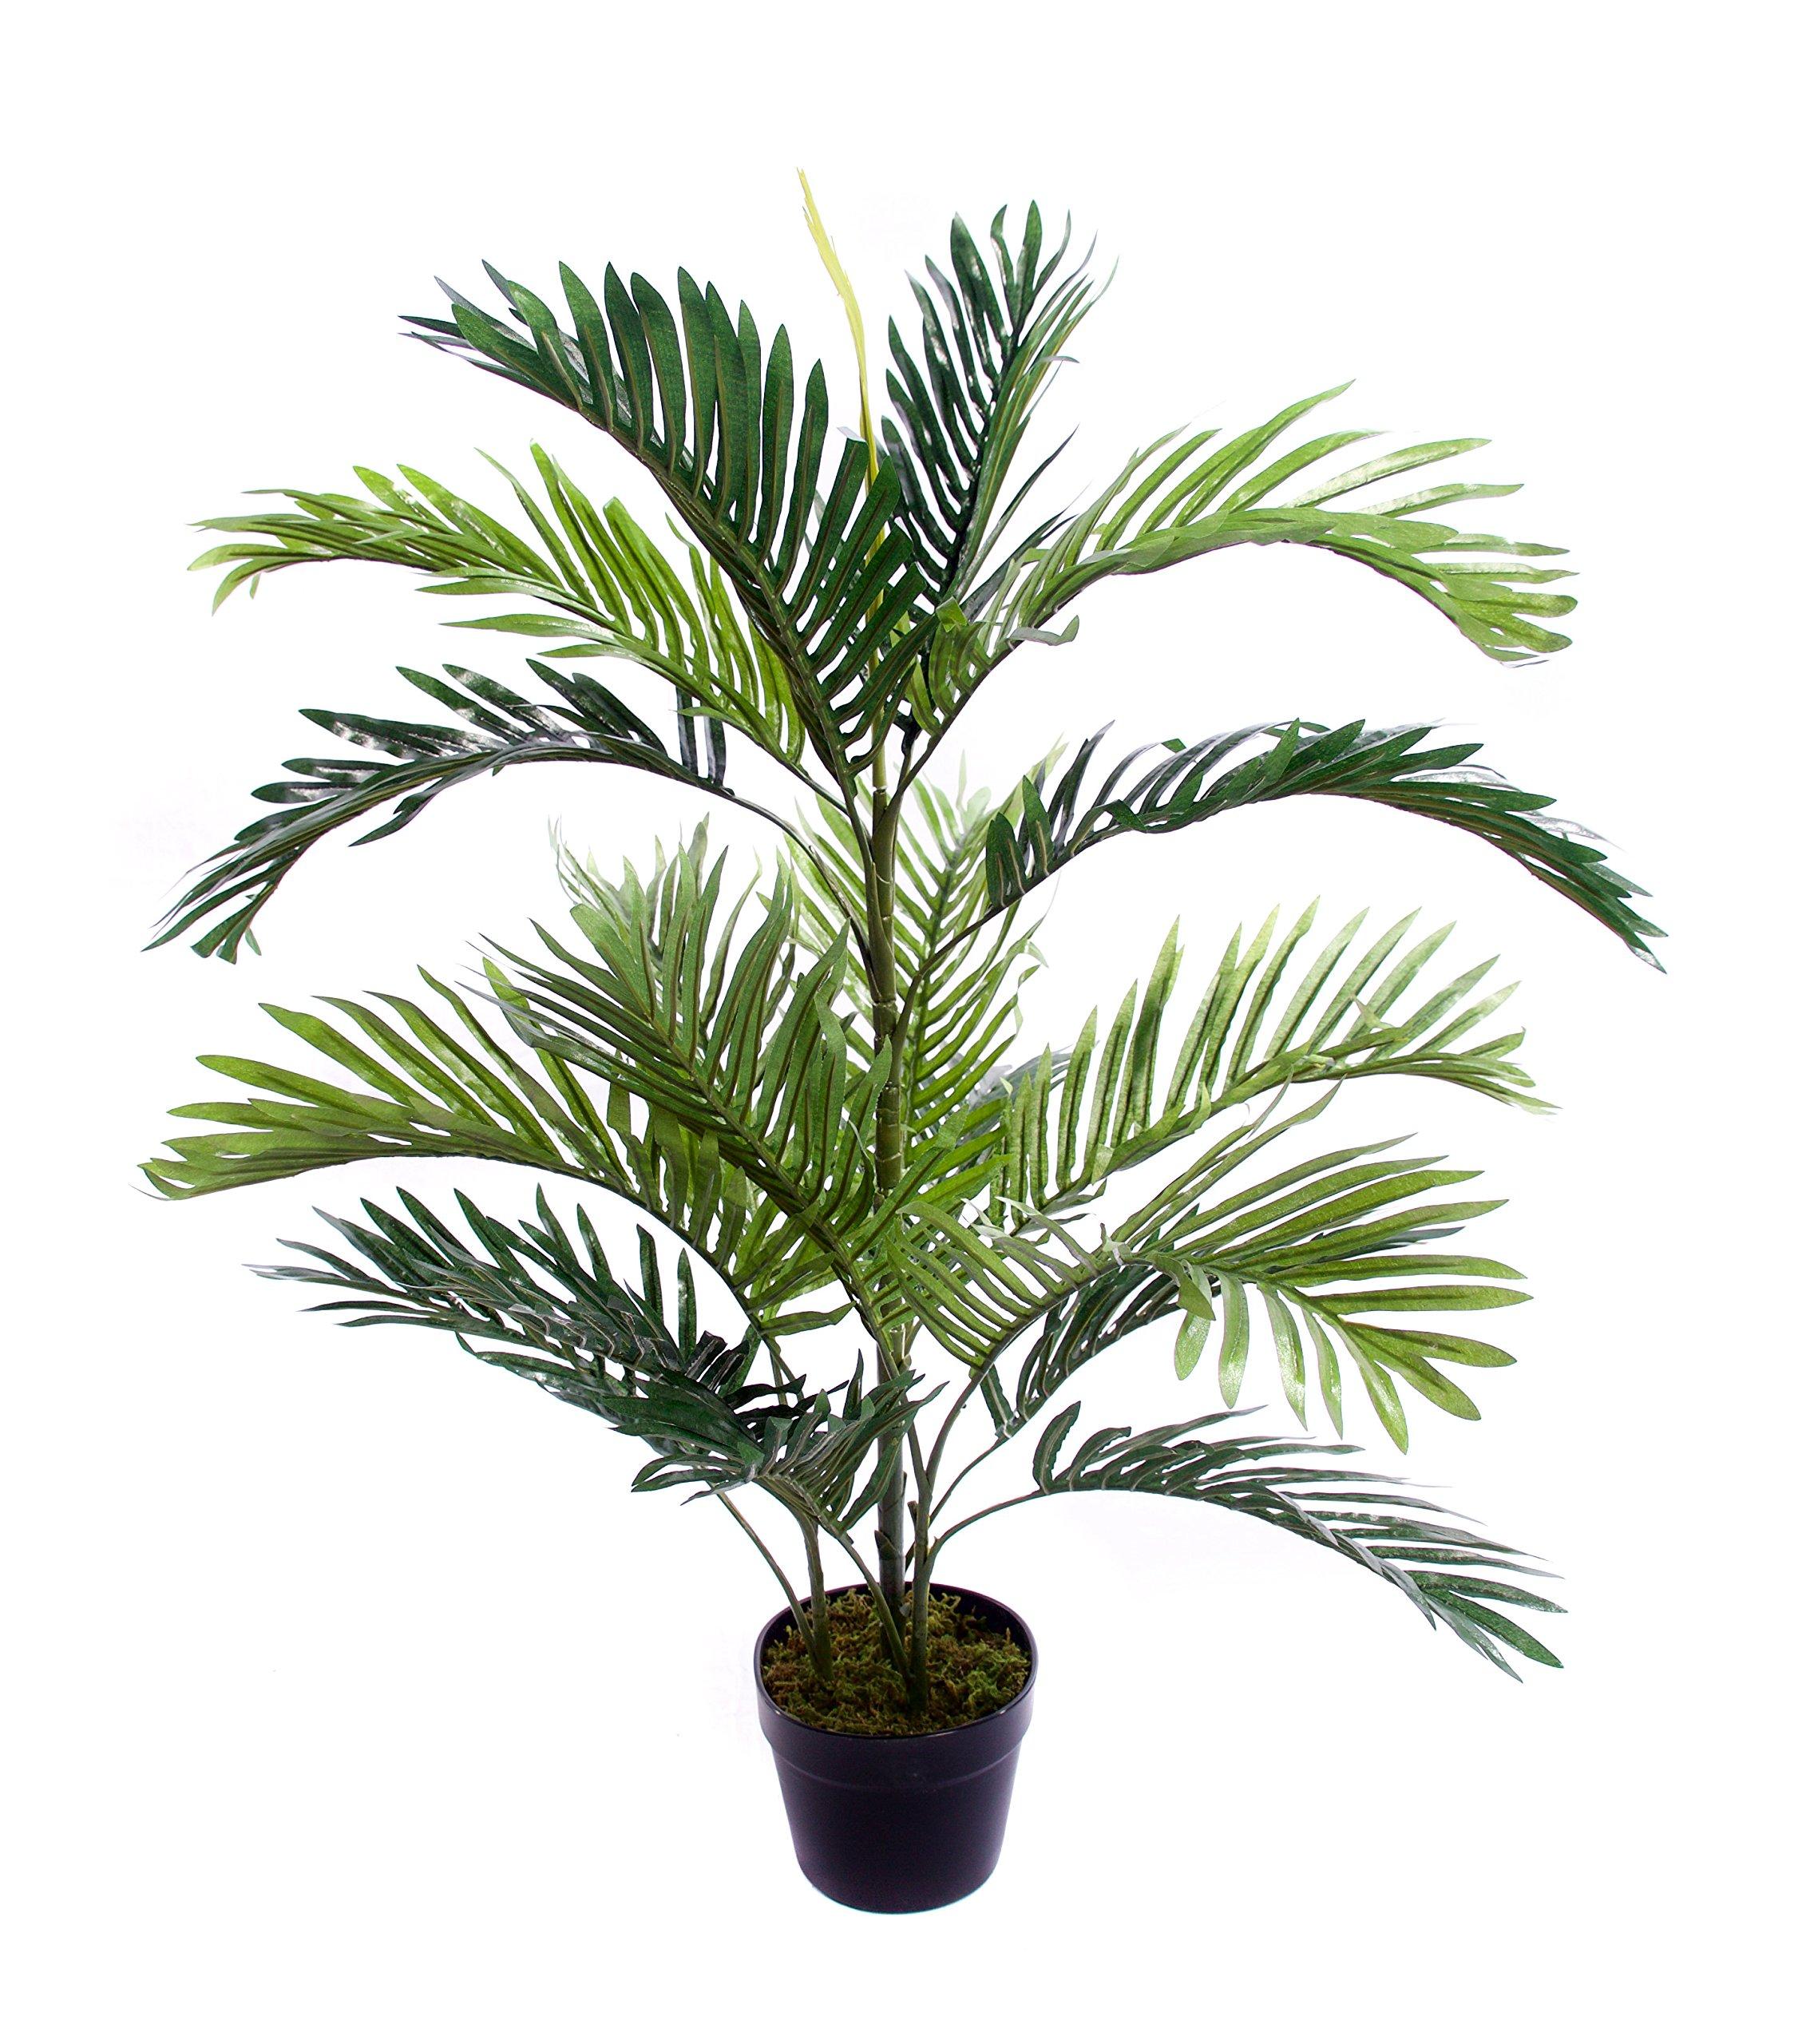 Best Artificial - Palmera de salón de 90 cm para interior y exterior, jardín de invierno tropical, oficina, planta de jardín: Amazon.es: Hogar